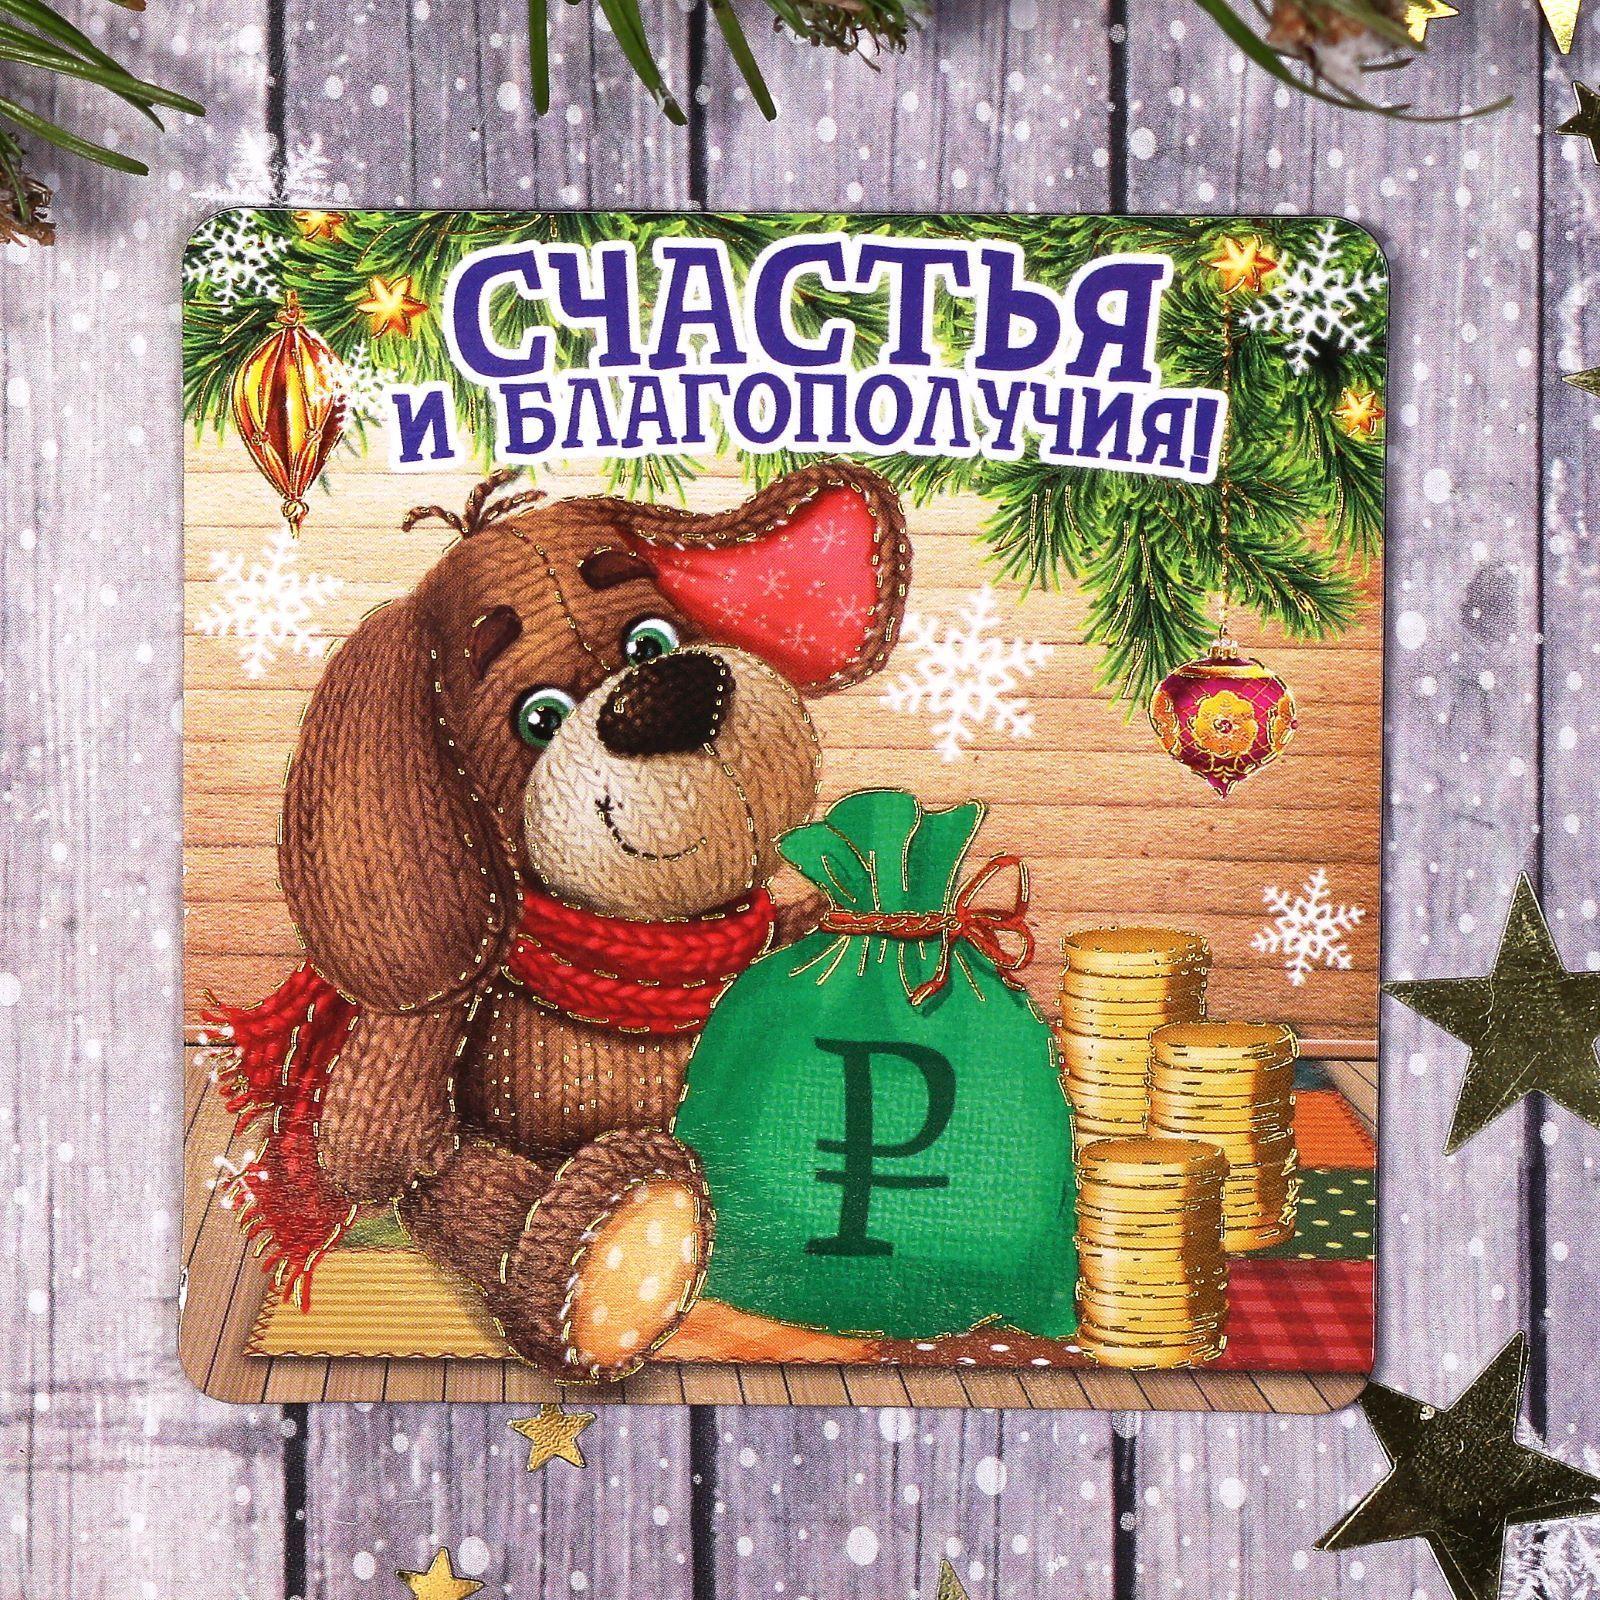 Магнит Sima-land Счастья и благополучия, 7,7 х 7,7 см1894003Порадуйте родных и близких оригинальным сувениром: преподнесите в подарок магнит. С ним даже самый серьёзный человек почувствует себя ребёнком, ожидающим чудо! Создайте праздничное настроение, и оно останется с вами на весь год.